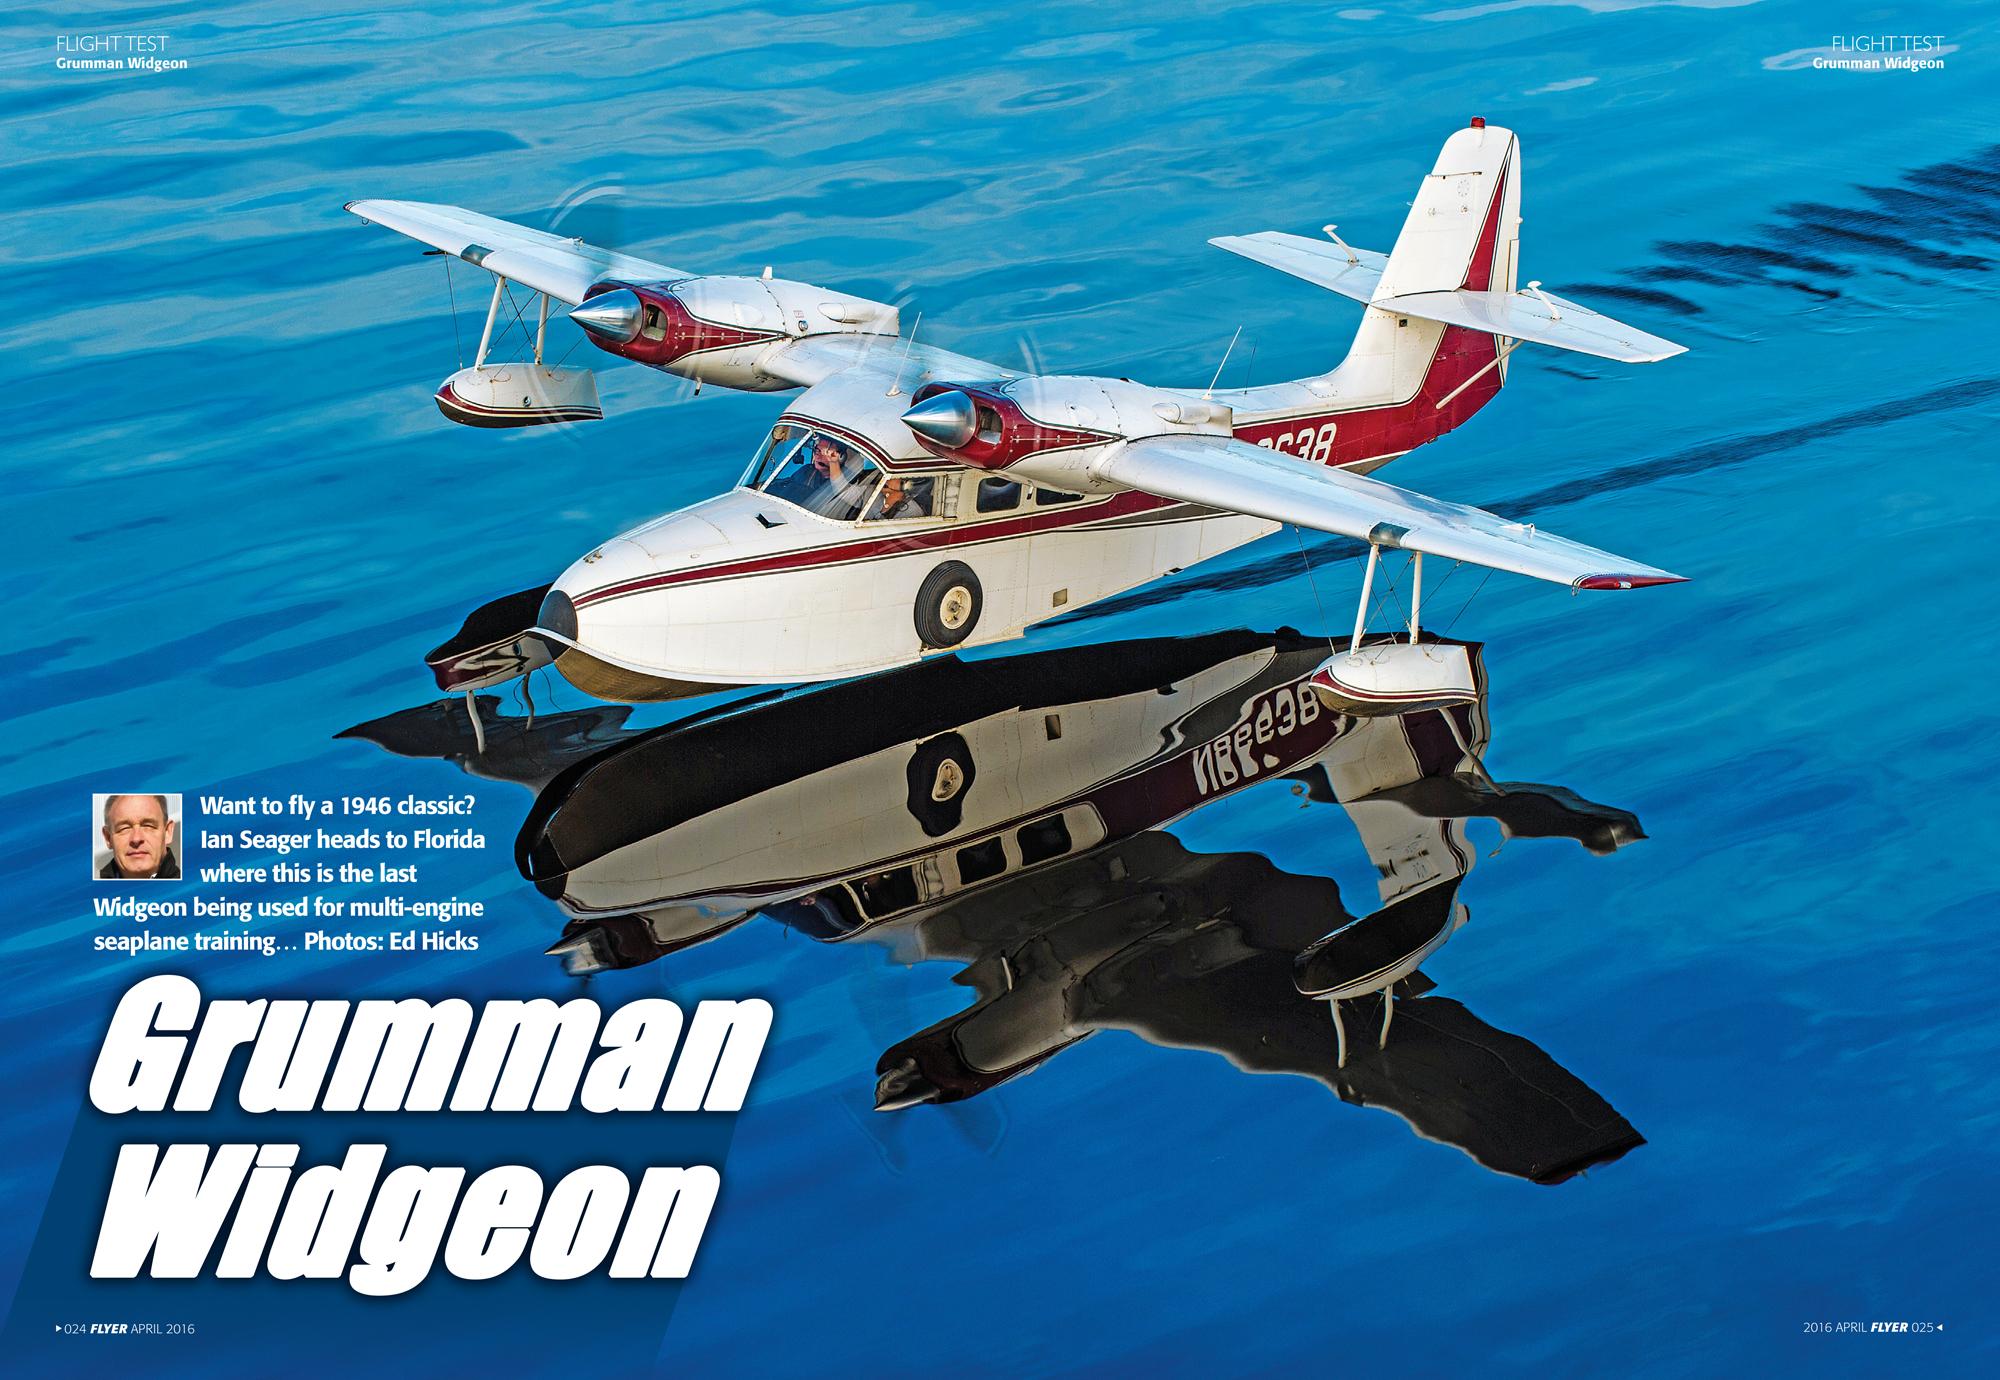 Grumman Widgeon flight test